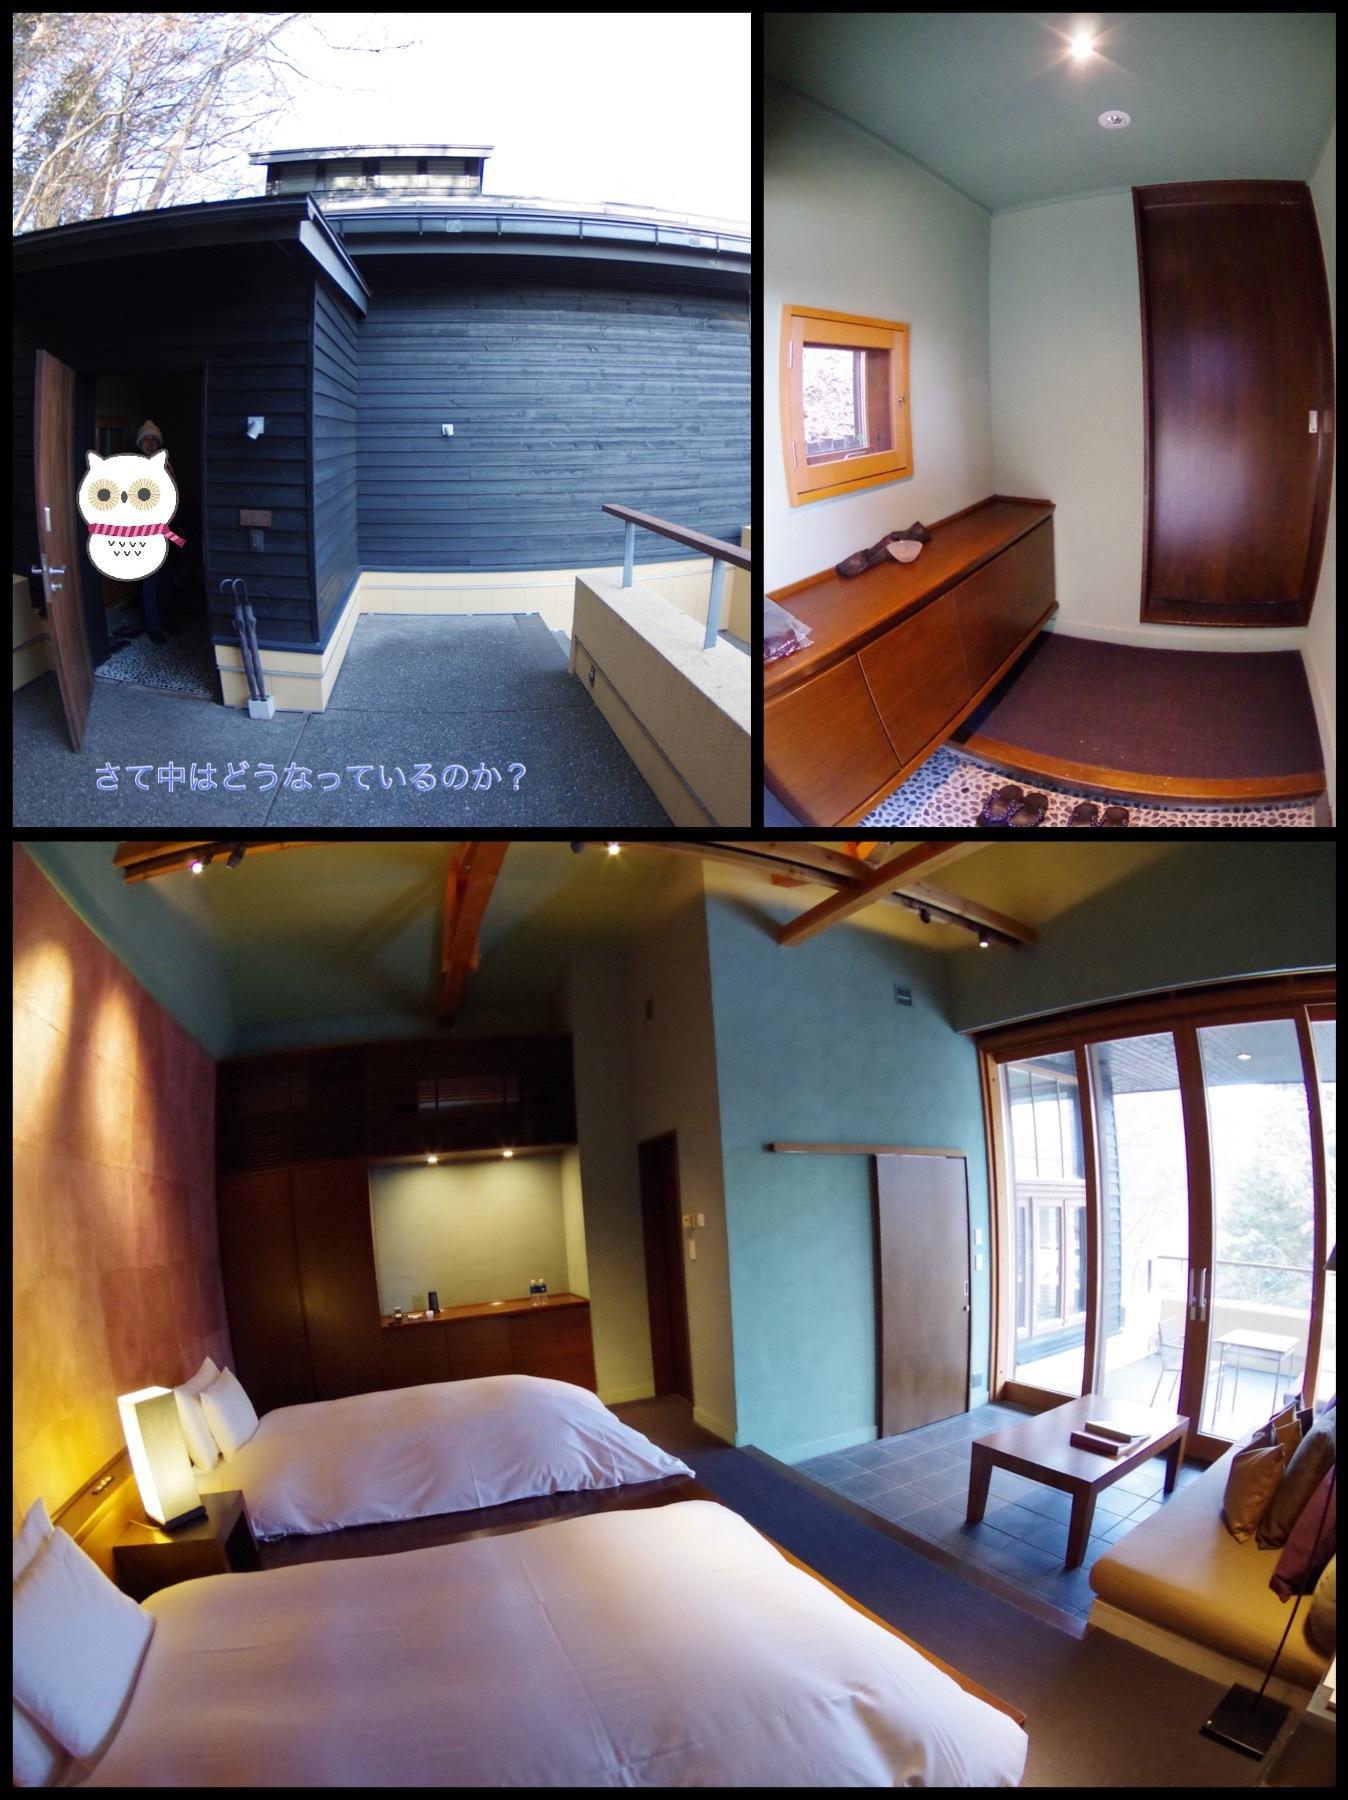 星のや軽井沢 山路地の部屋 竹棟320号室宿泊